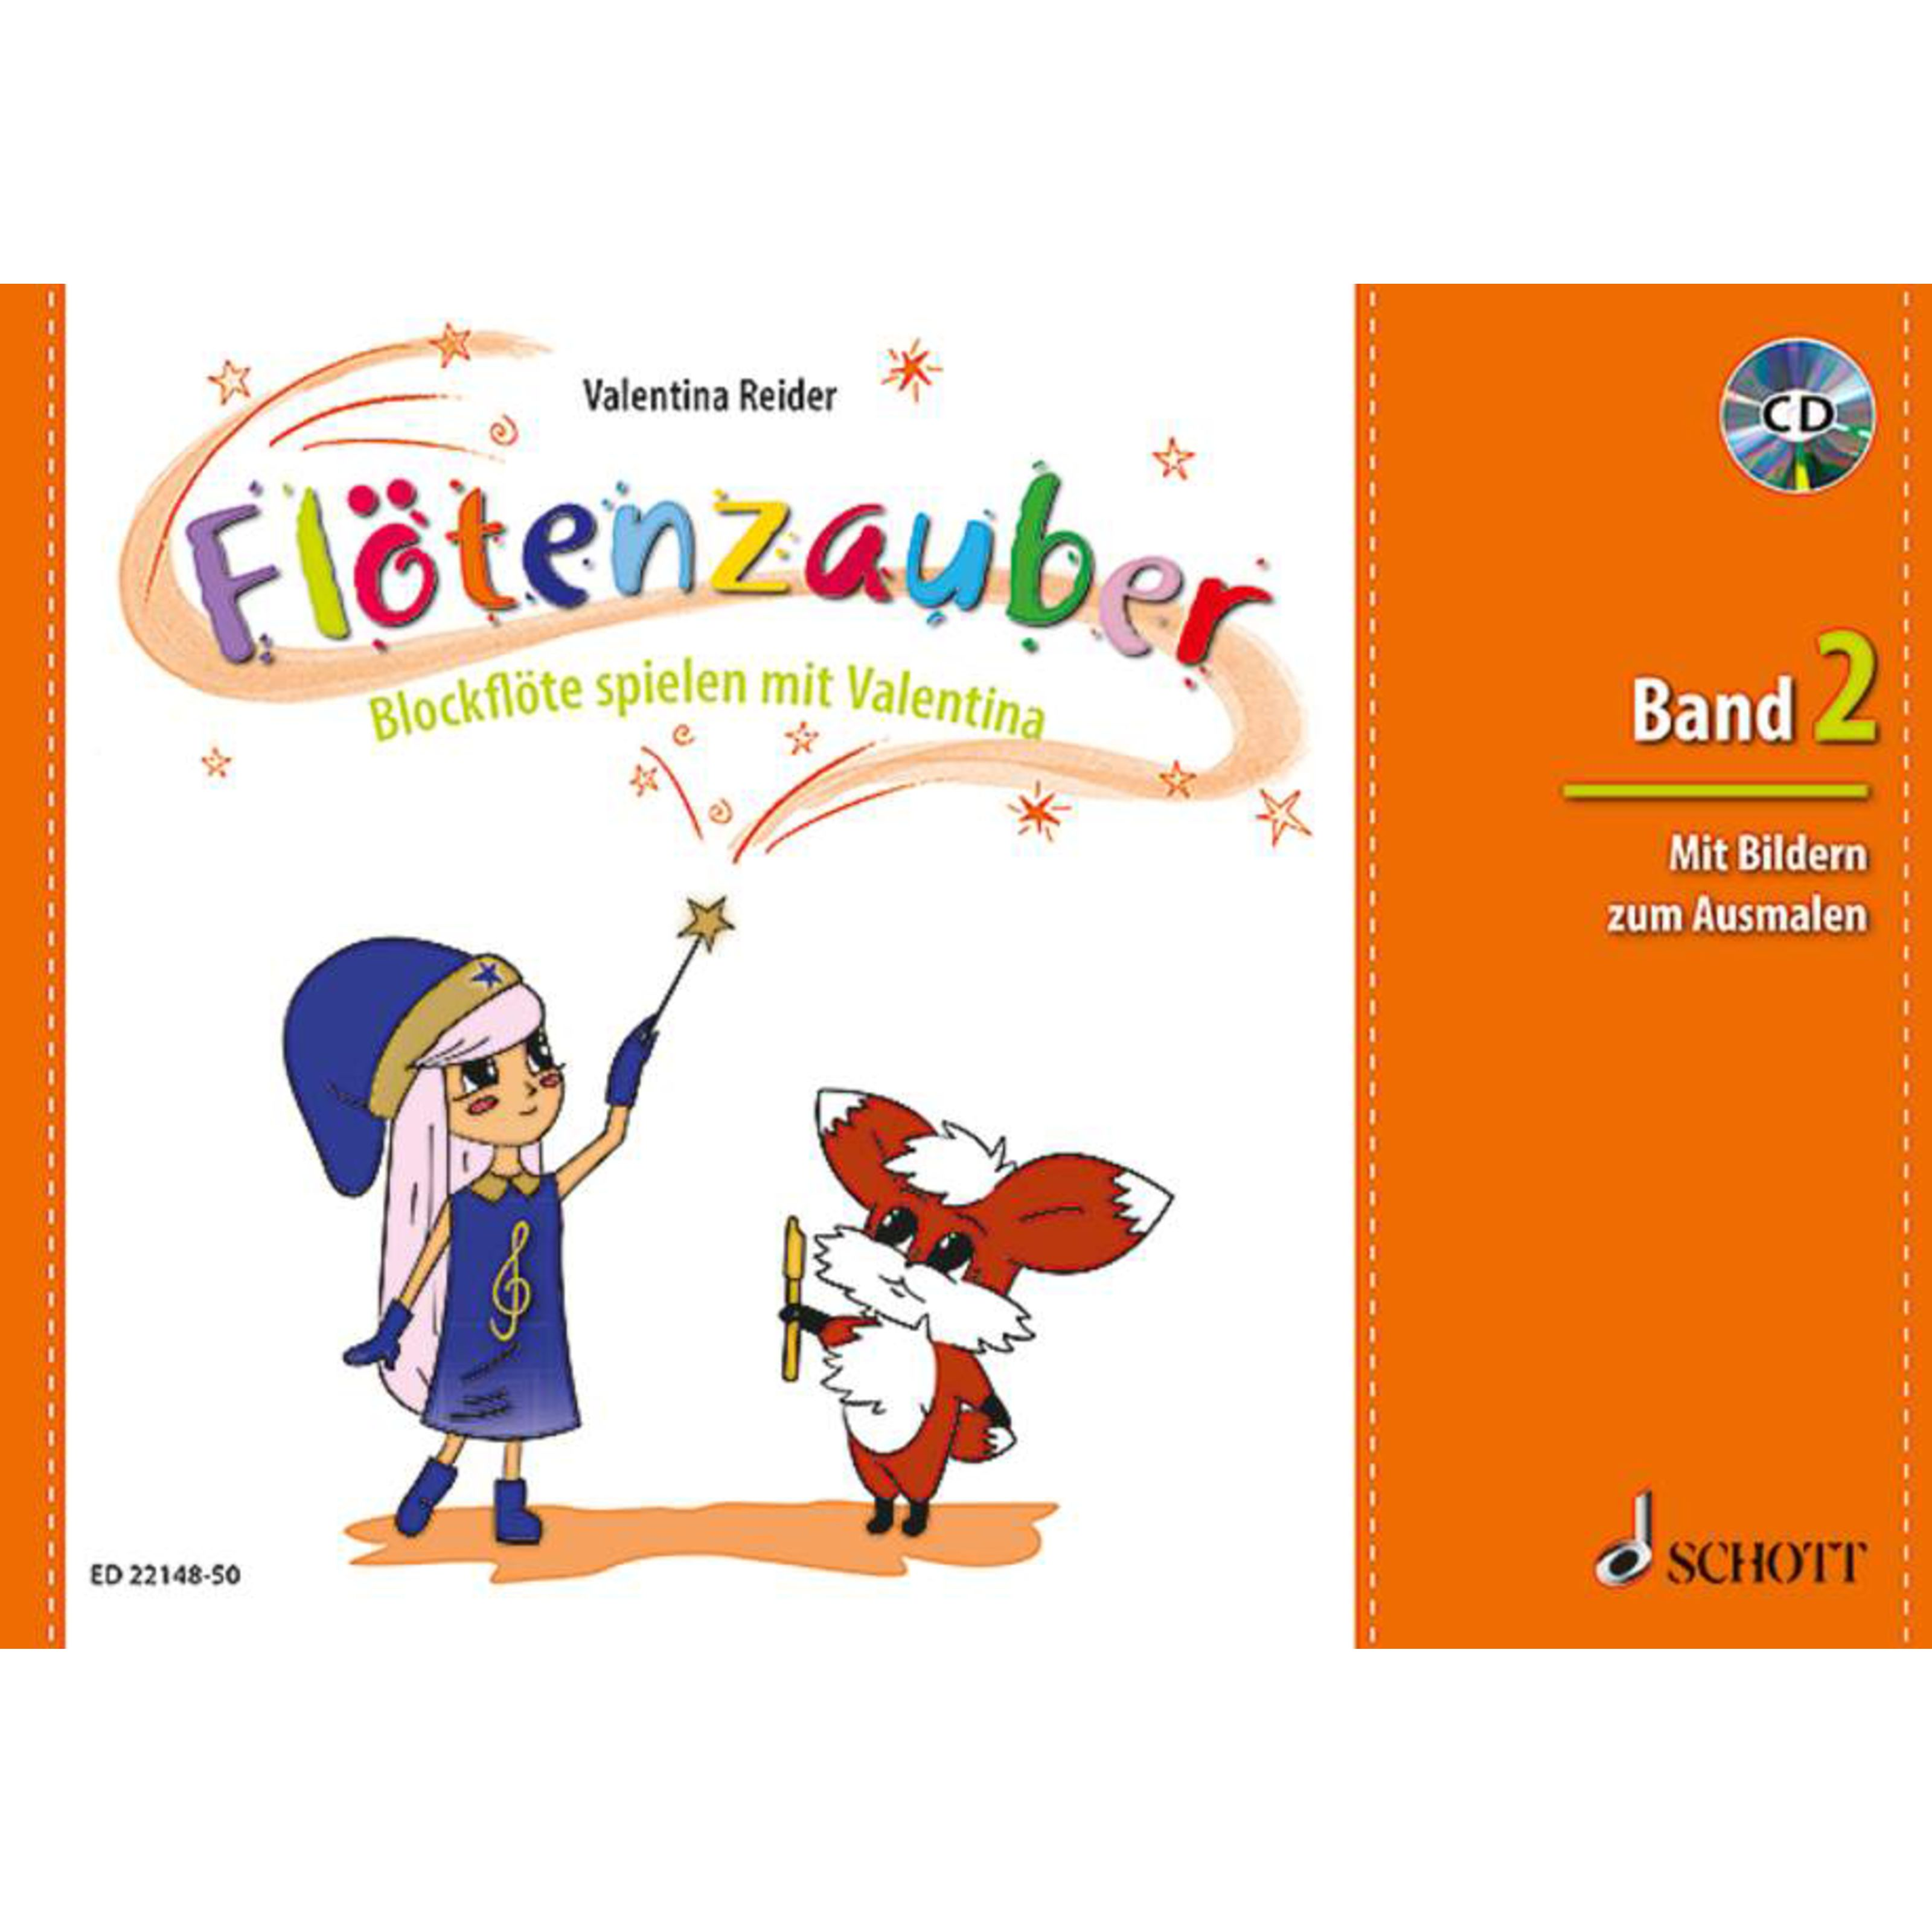 Schott Music - Flötenzauber 2 mit CD ED 22148-50